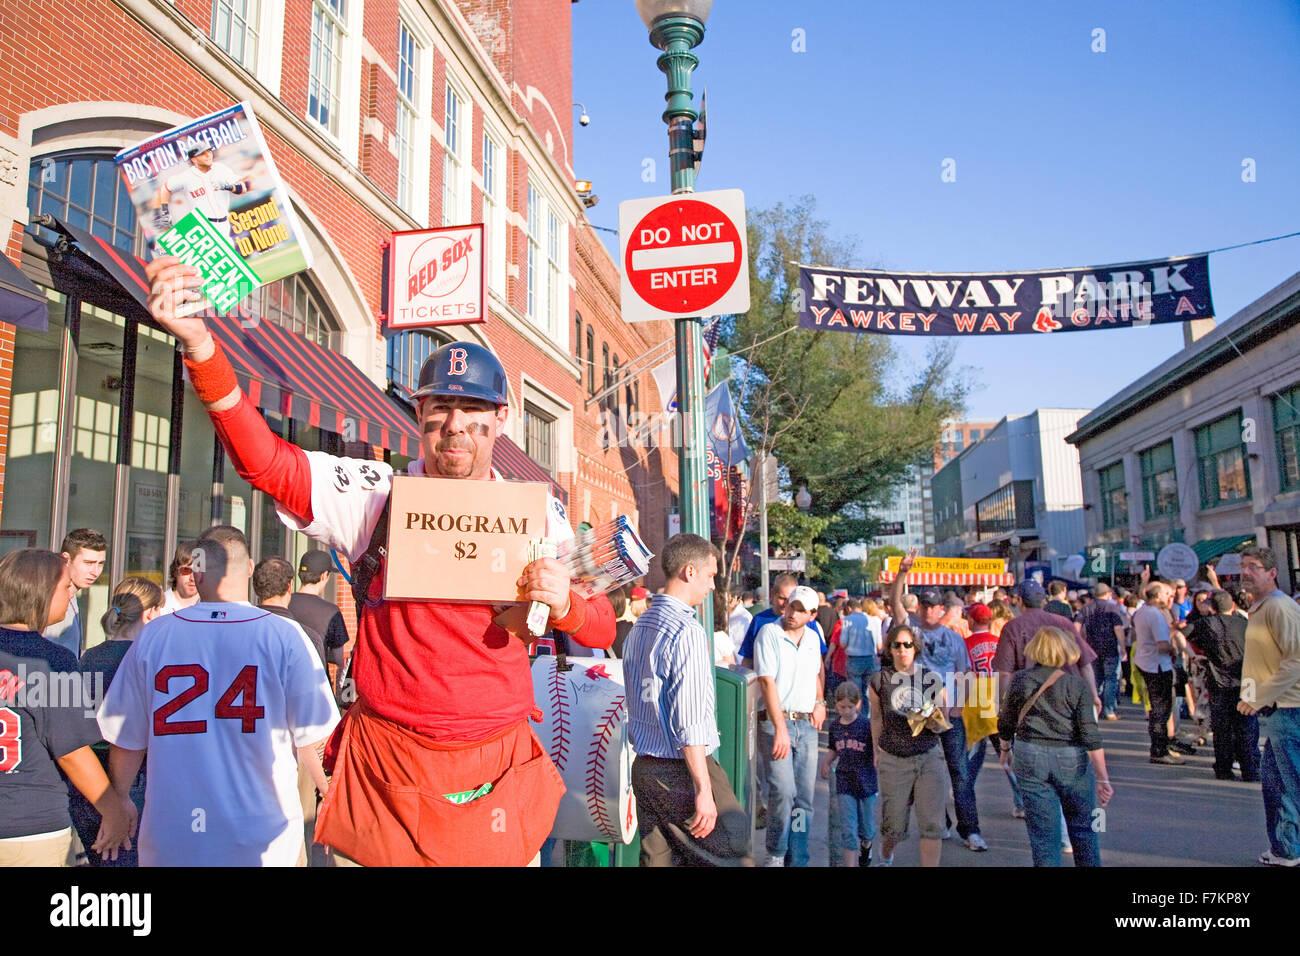 Programs $2 at historic Fenway Park, Yawkey Way, Gate A, Boston Red Sox, Boston, Ma., USA, May 20, 2010, Red Sox - Stock Image